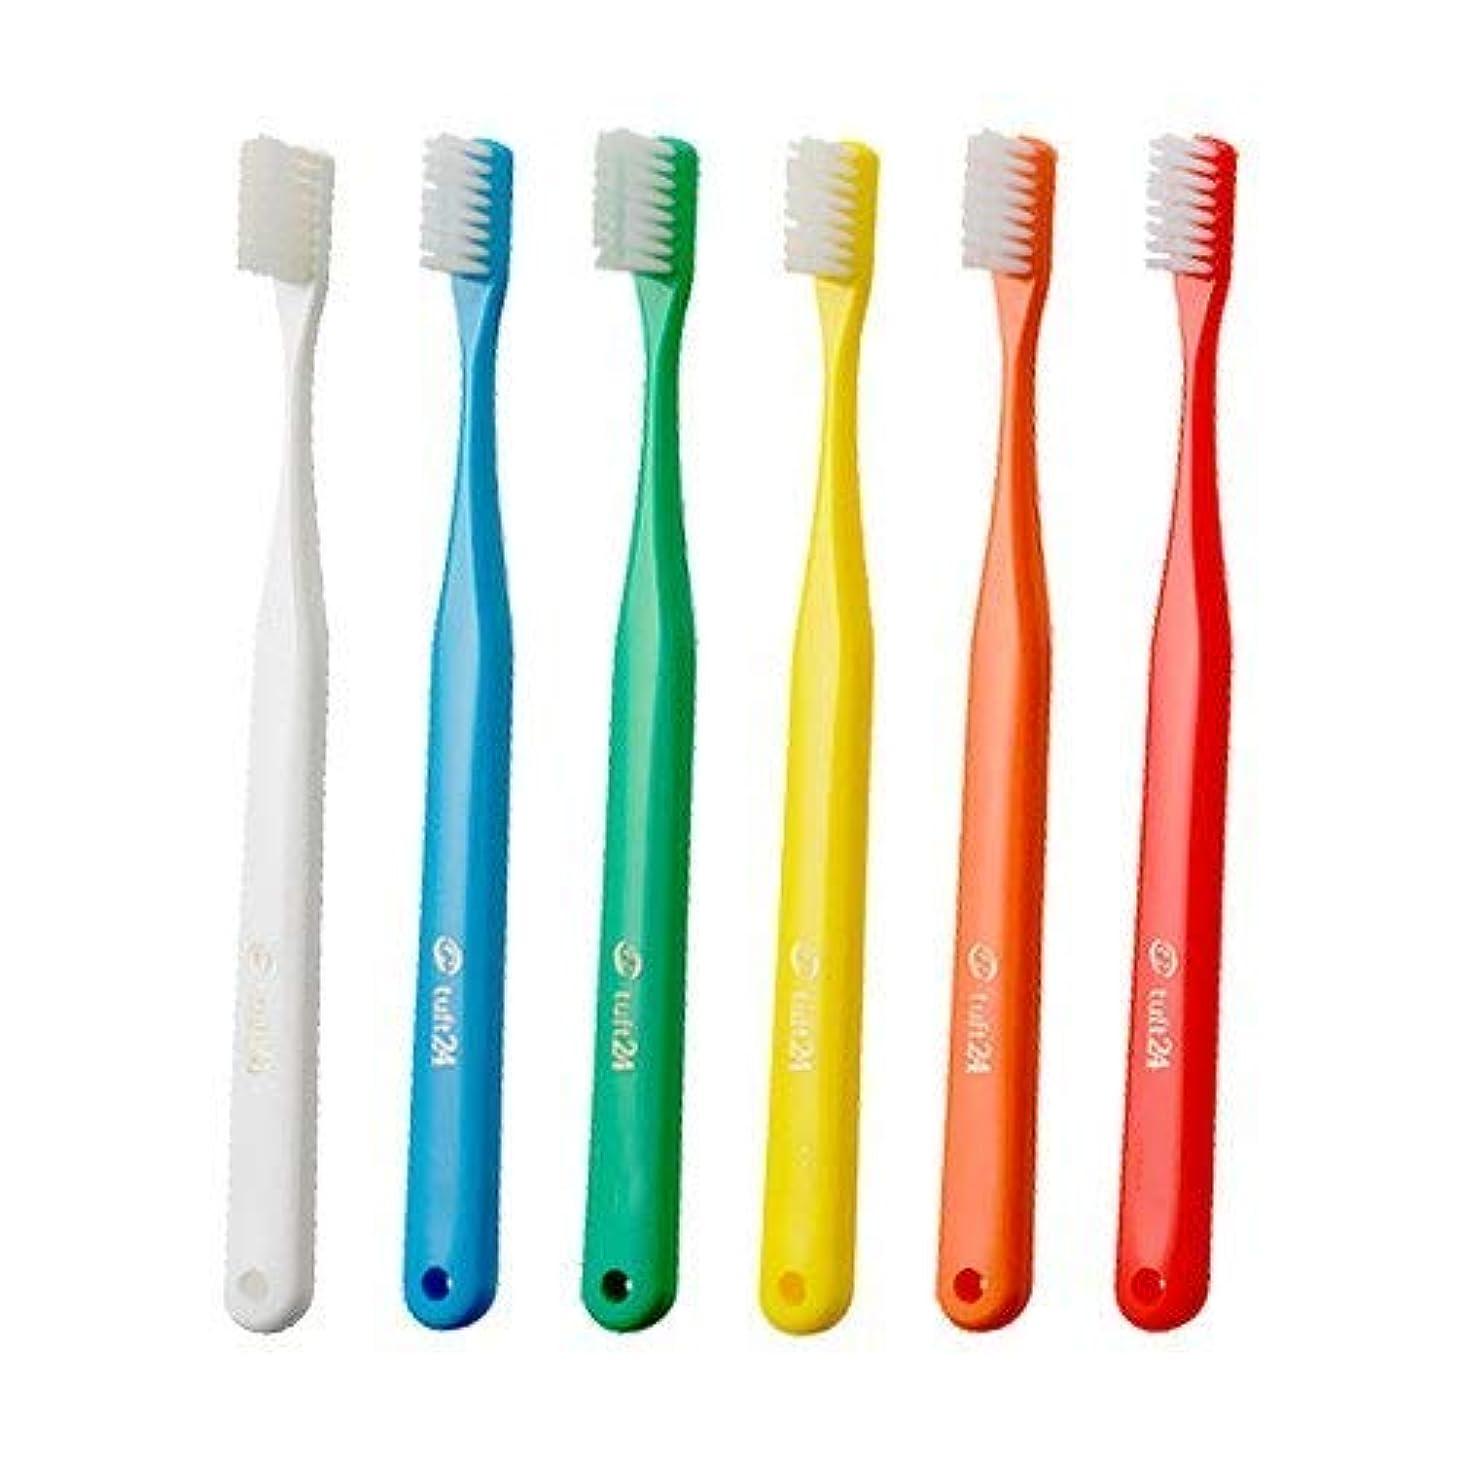 ヒープディンカルビルエイリアスオーラルケア キャップなし タフト24 歯ブラシ × 10本 (M)